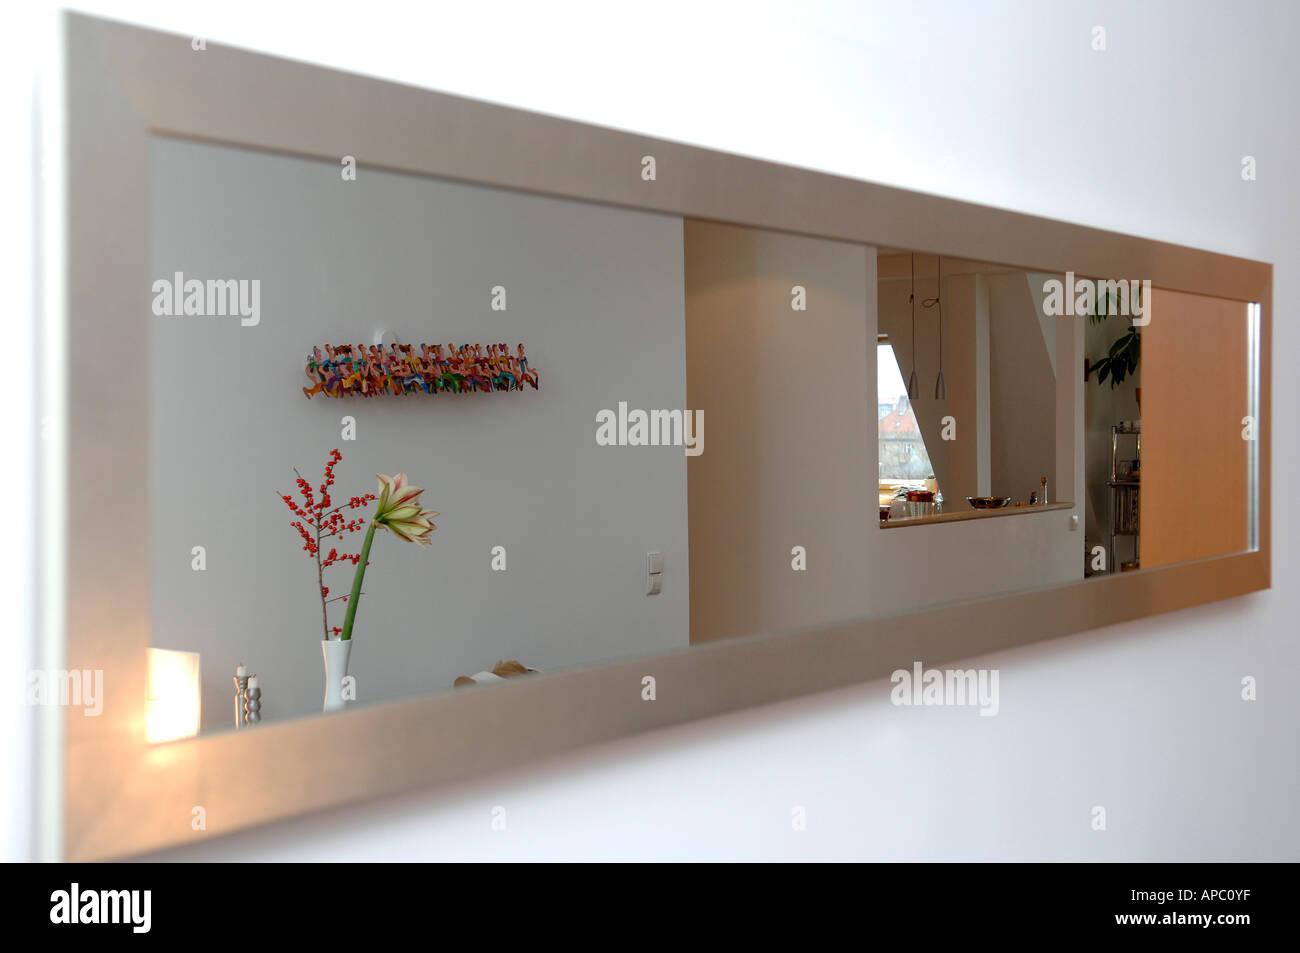 Lungo Il Corridoio In Inglese : Molto lungo specchio nel corridoio foto immagine stock